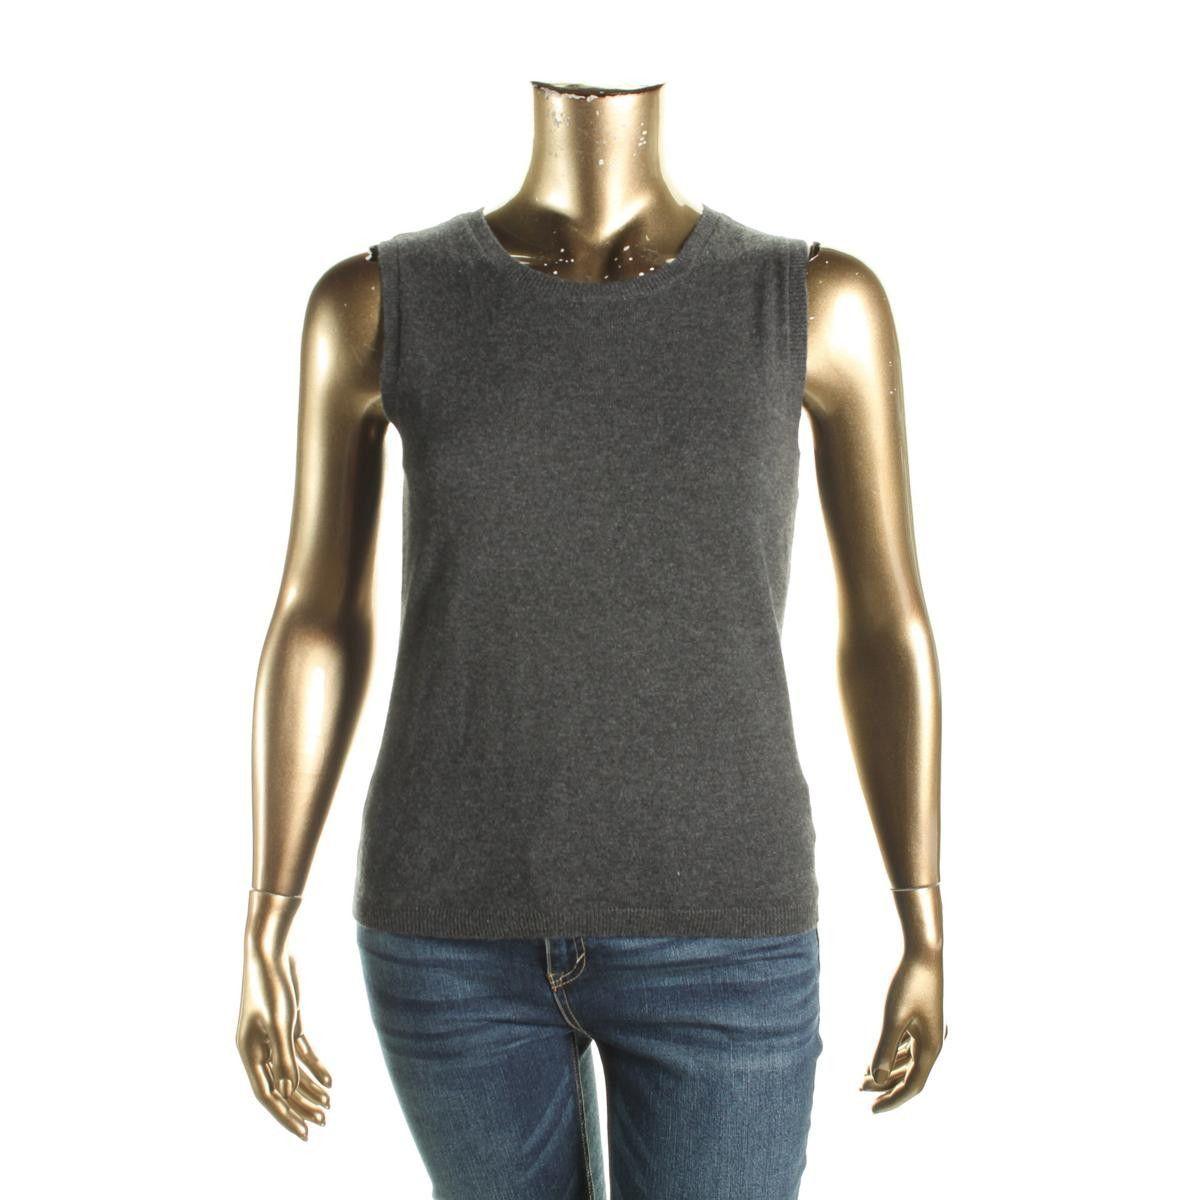 Private Label Womens Cashmere Crew Neck Sweater Vest | Sweater ...